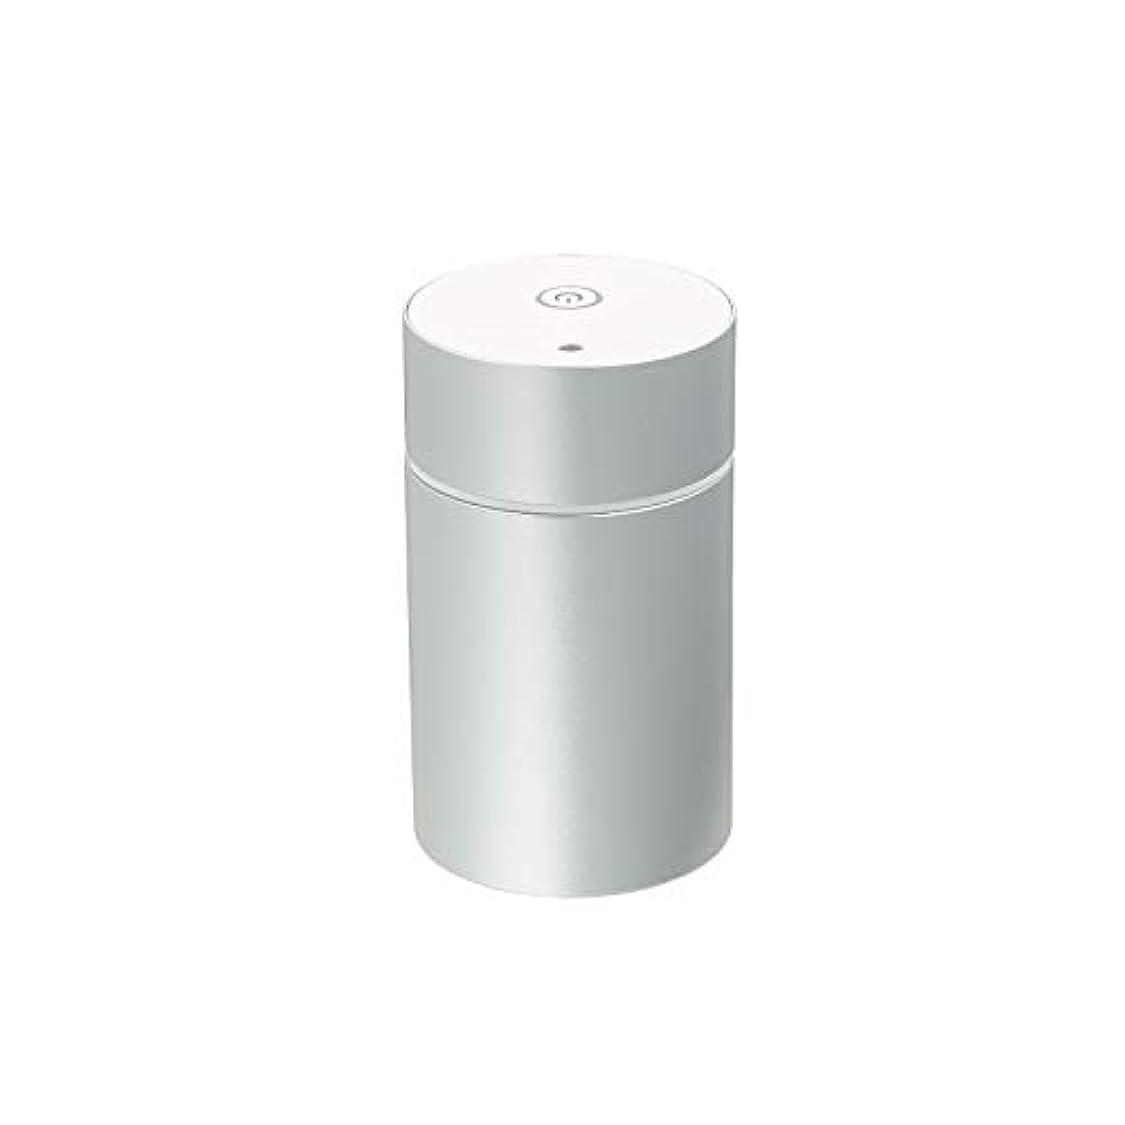 リーフレットパシフィック生産性生活の木 アロマディフューザー(シルバー)aromore mini(アロモアミニ) 08-801-7010